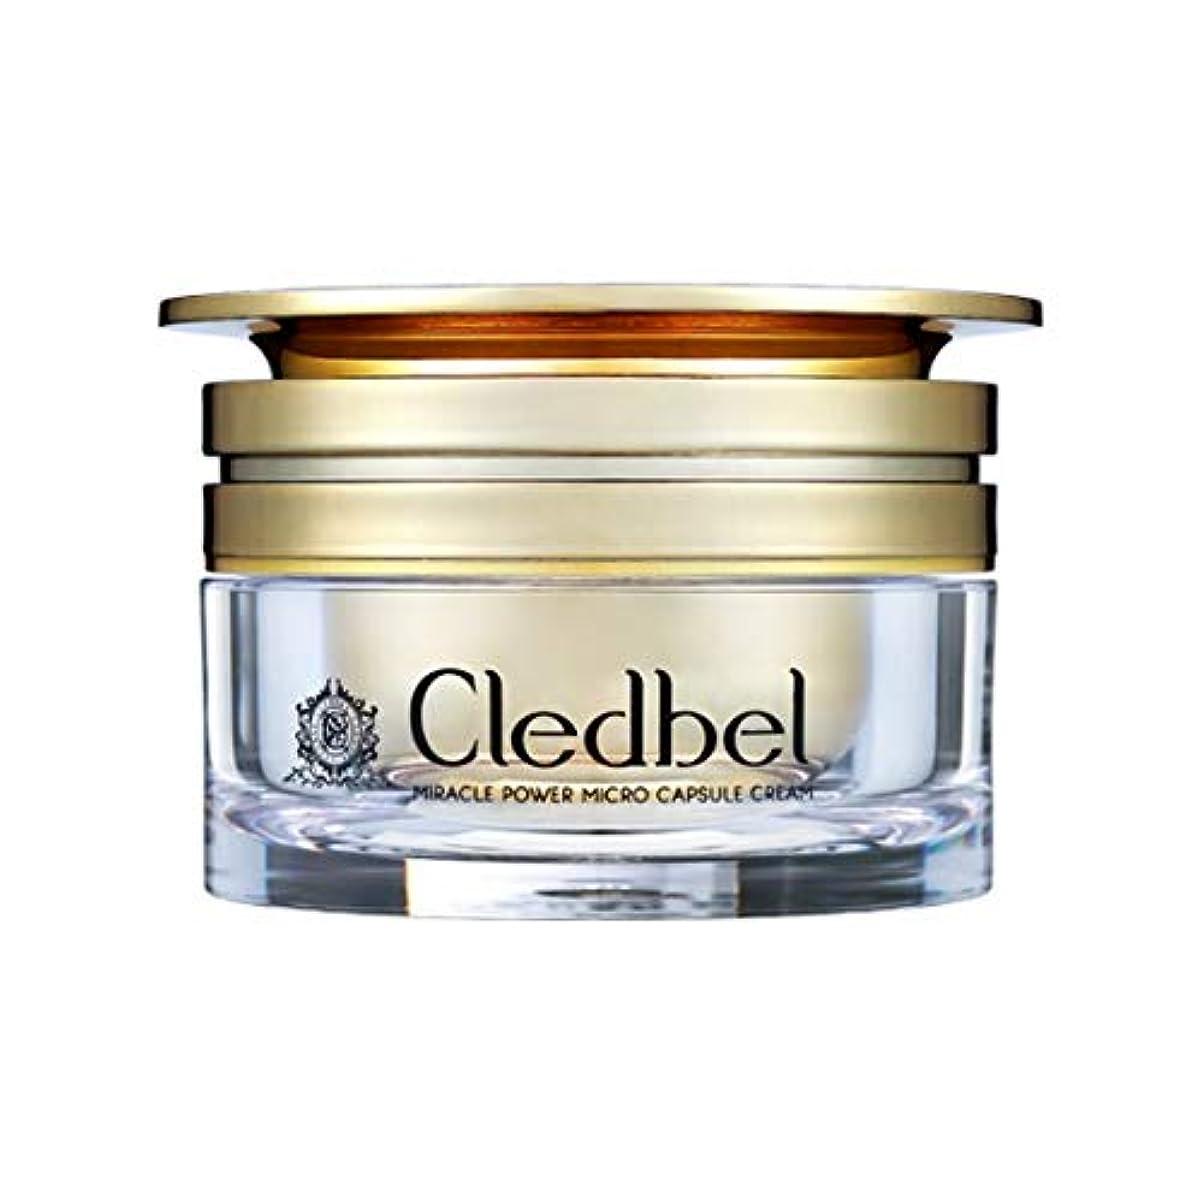 メーター血キウイ[cledbel] Miracle Power Micro Capsule Cream 50ml / ミラクルパワーマイクロカプセルクリーム 50ml [並行輸入品]